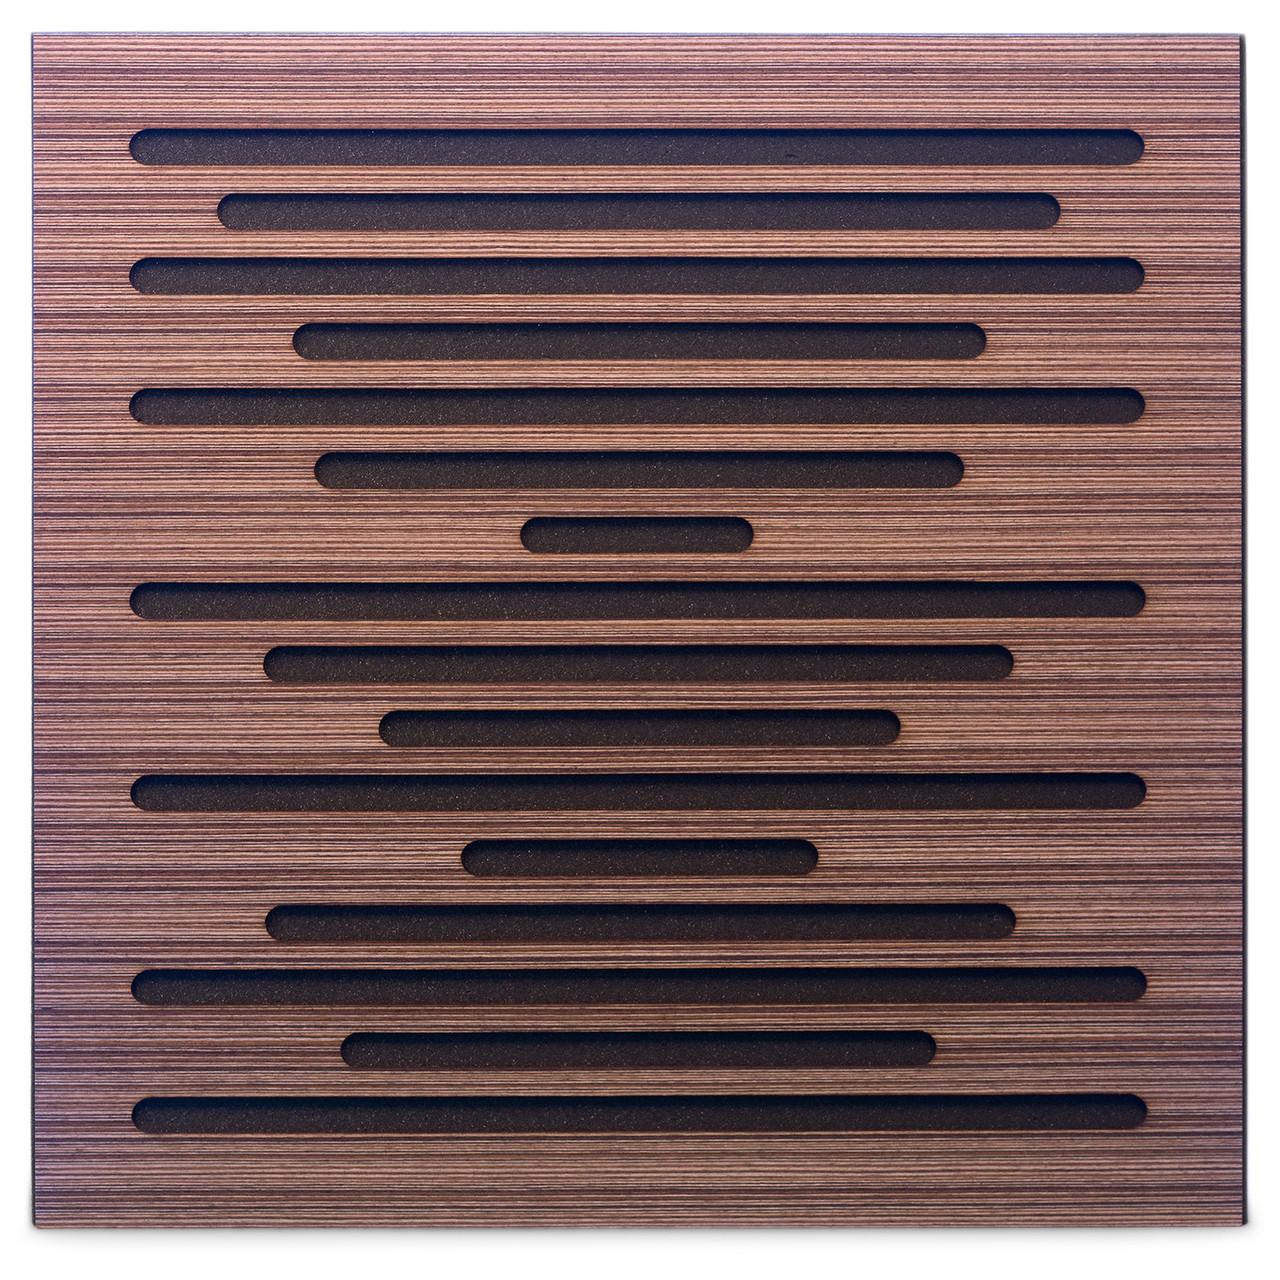 Акустическая панель Ecosound EcoWave Venge Contrast 50x50см 73мм цвет коричневый в полоску